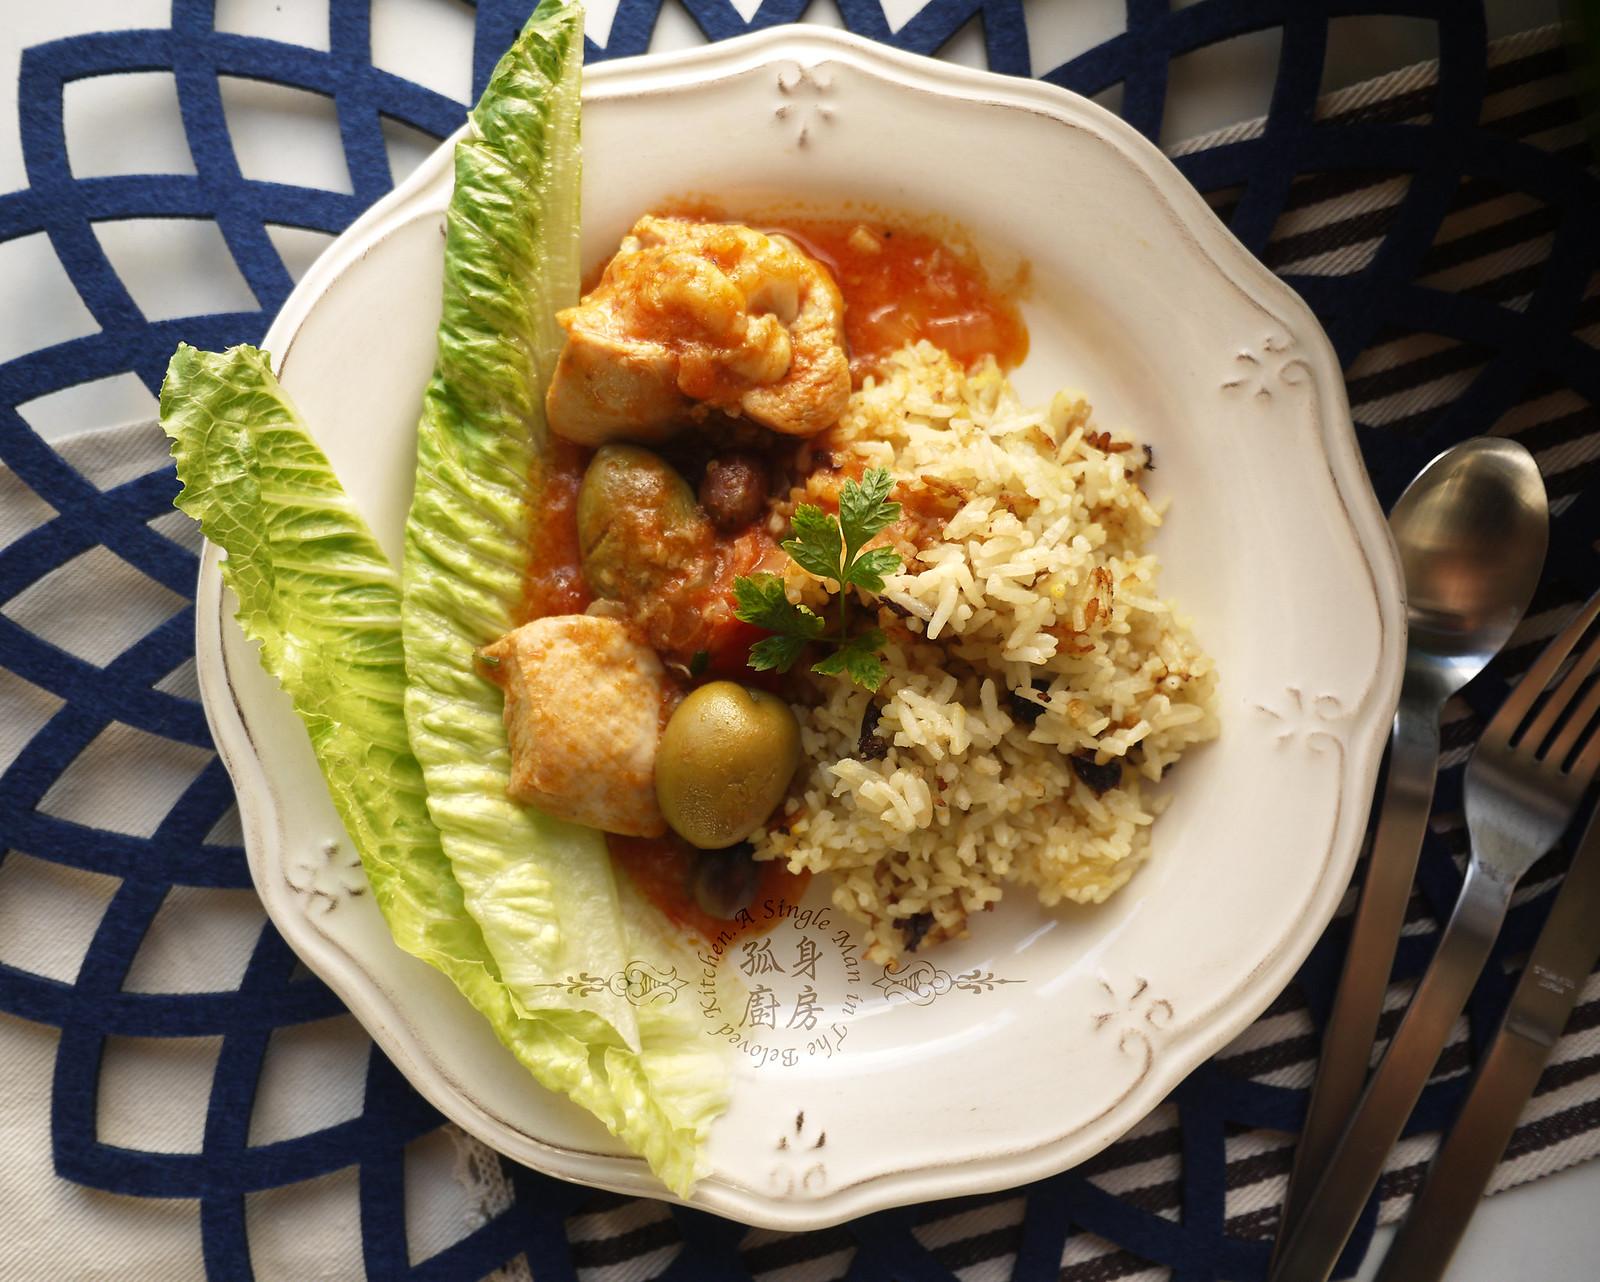 孤身廚房-蕃茄橄欖燴雞肉佐番紅花香米41